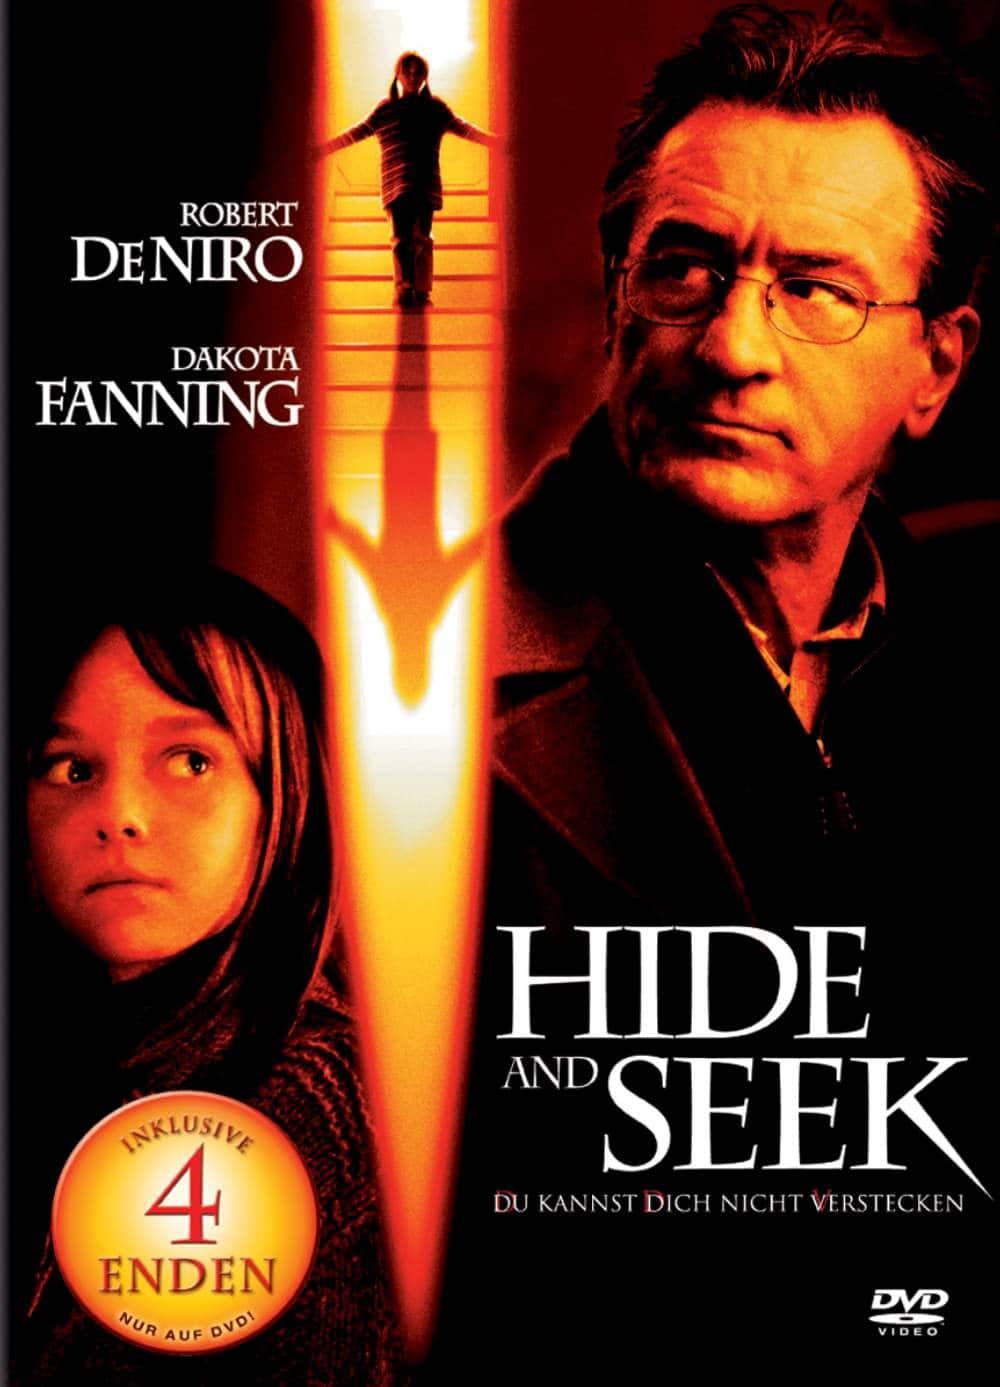 Earnings Disclaimer >> Hide & Seek Movie Rating & Reviews, Story, Songs, News ...